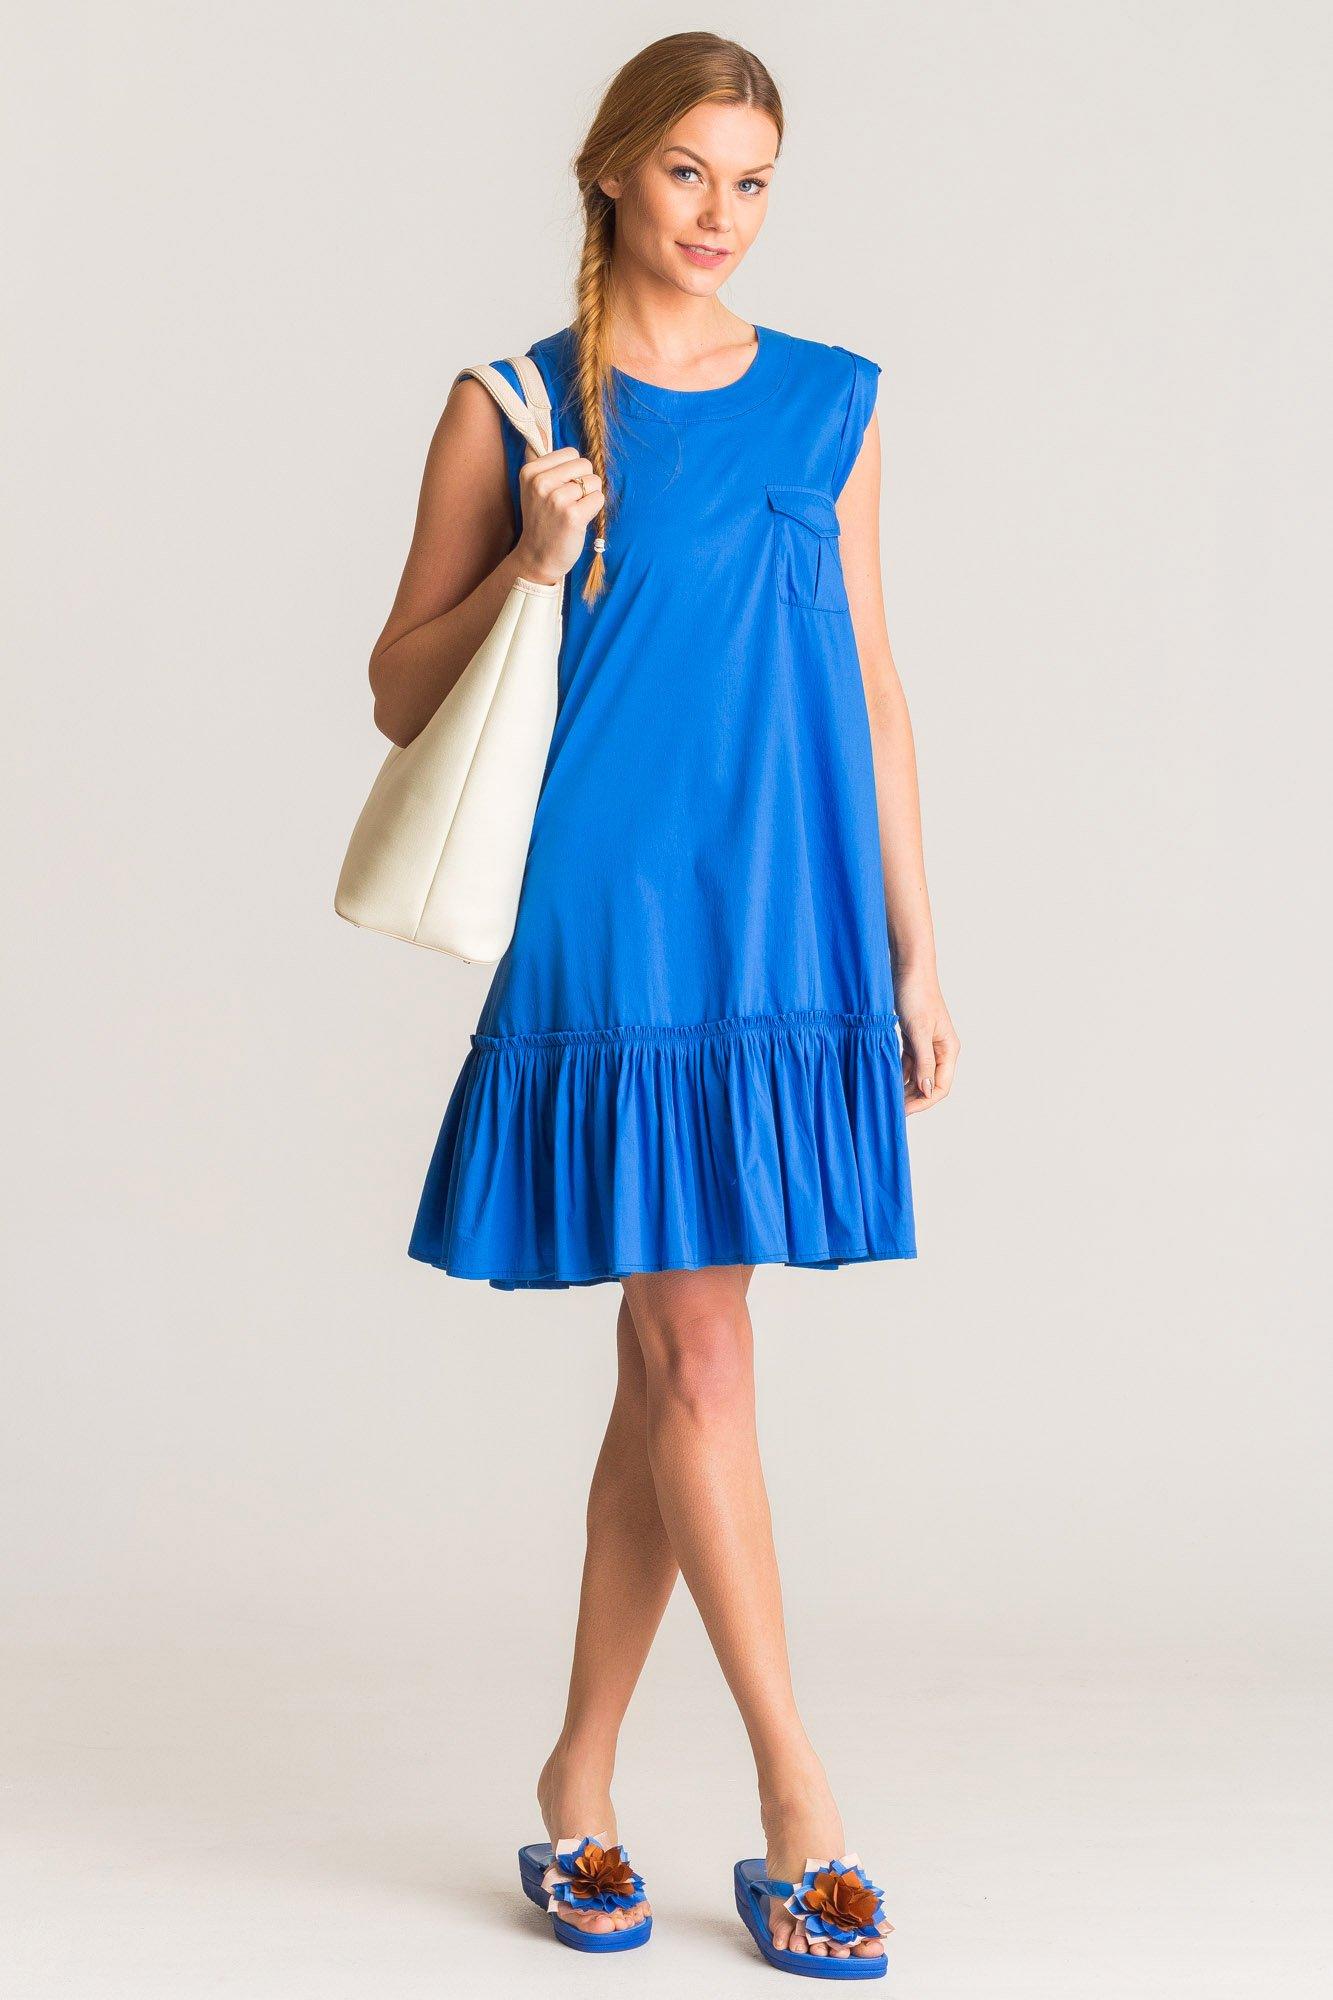 b445d2cadb Niebieska sukienka U B z kieszenią · Niebieska sukienka U B z kieszenią ...